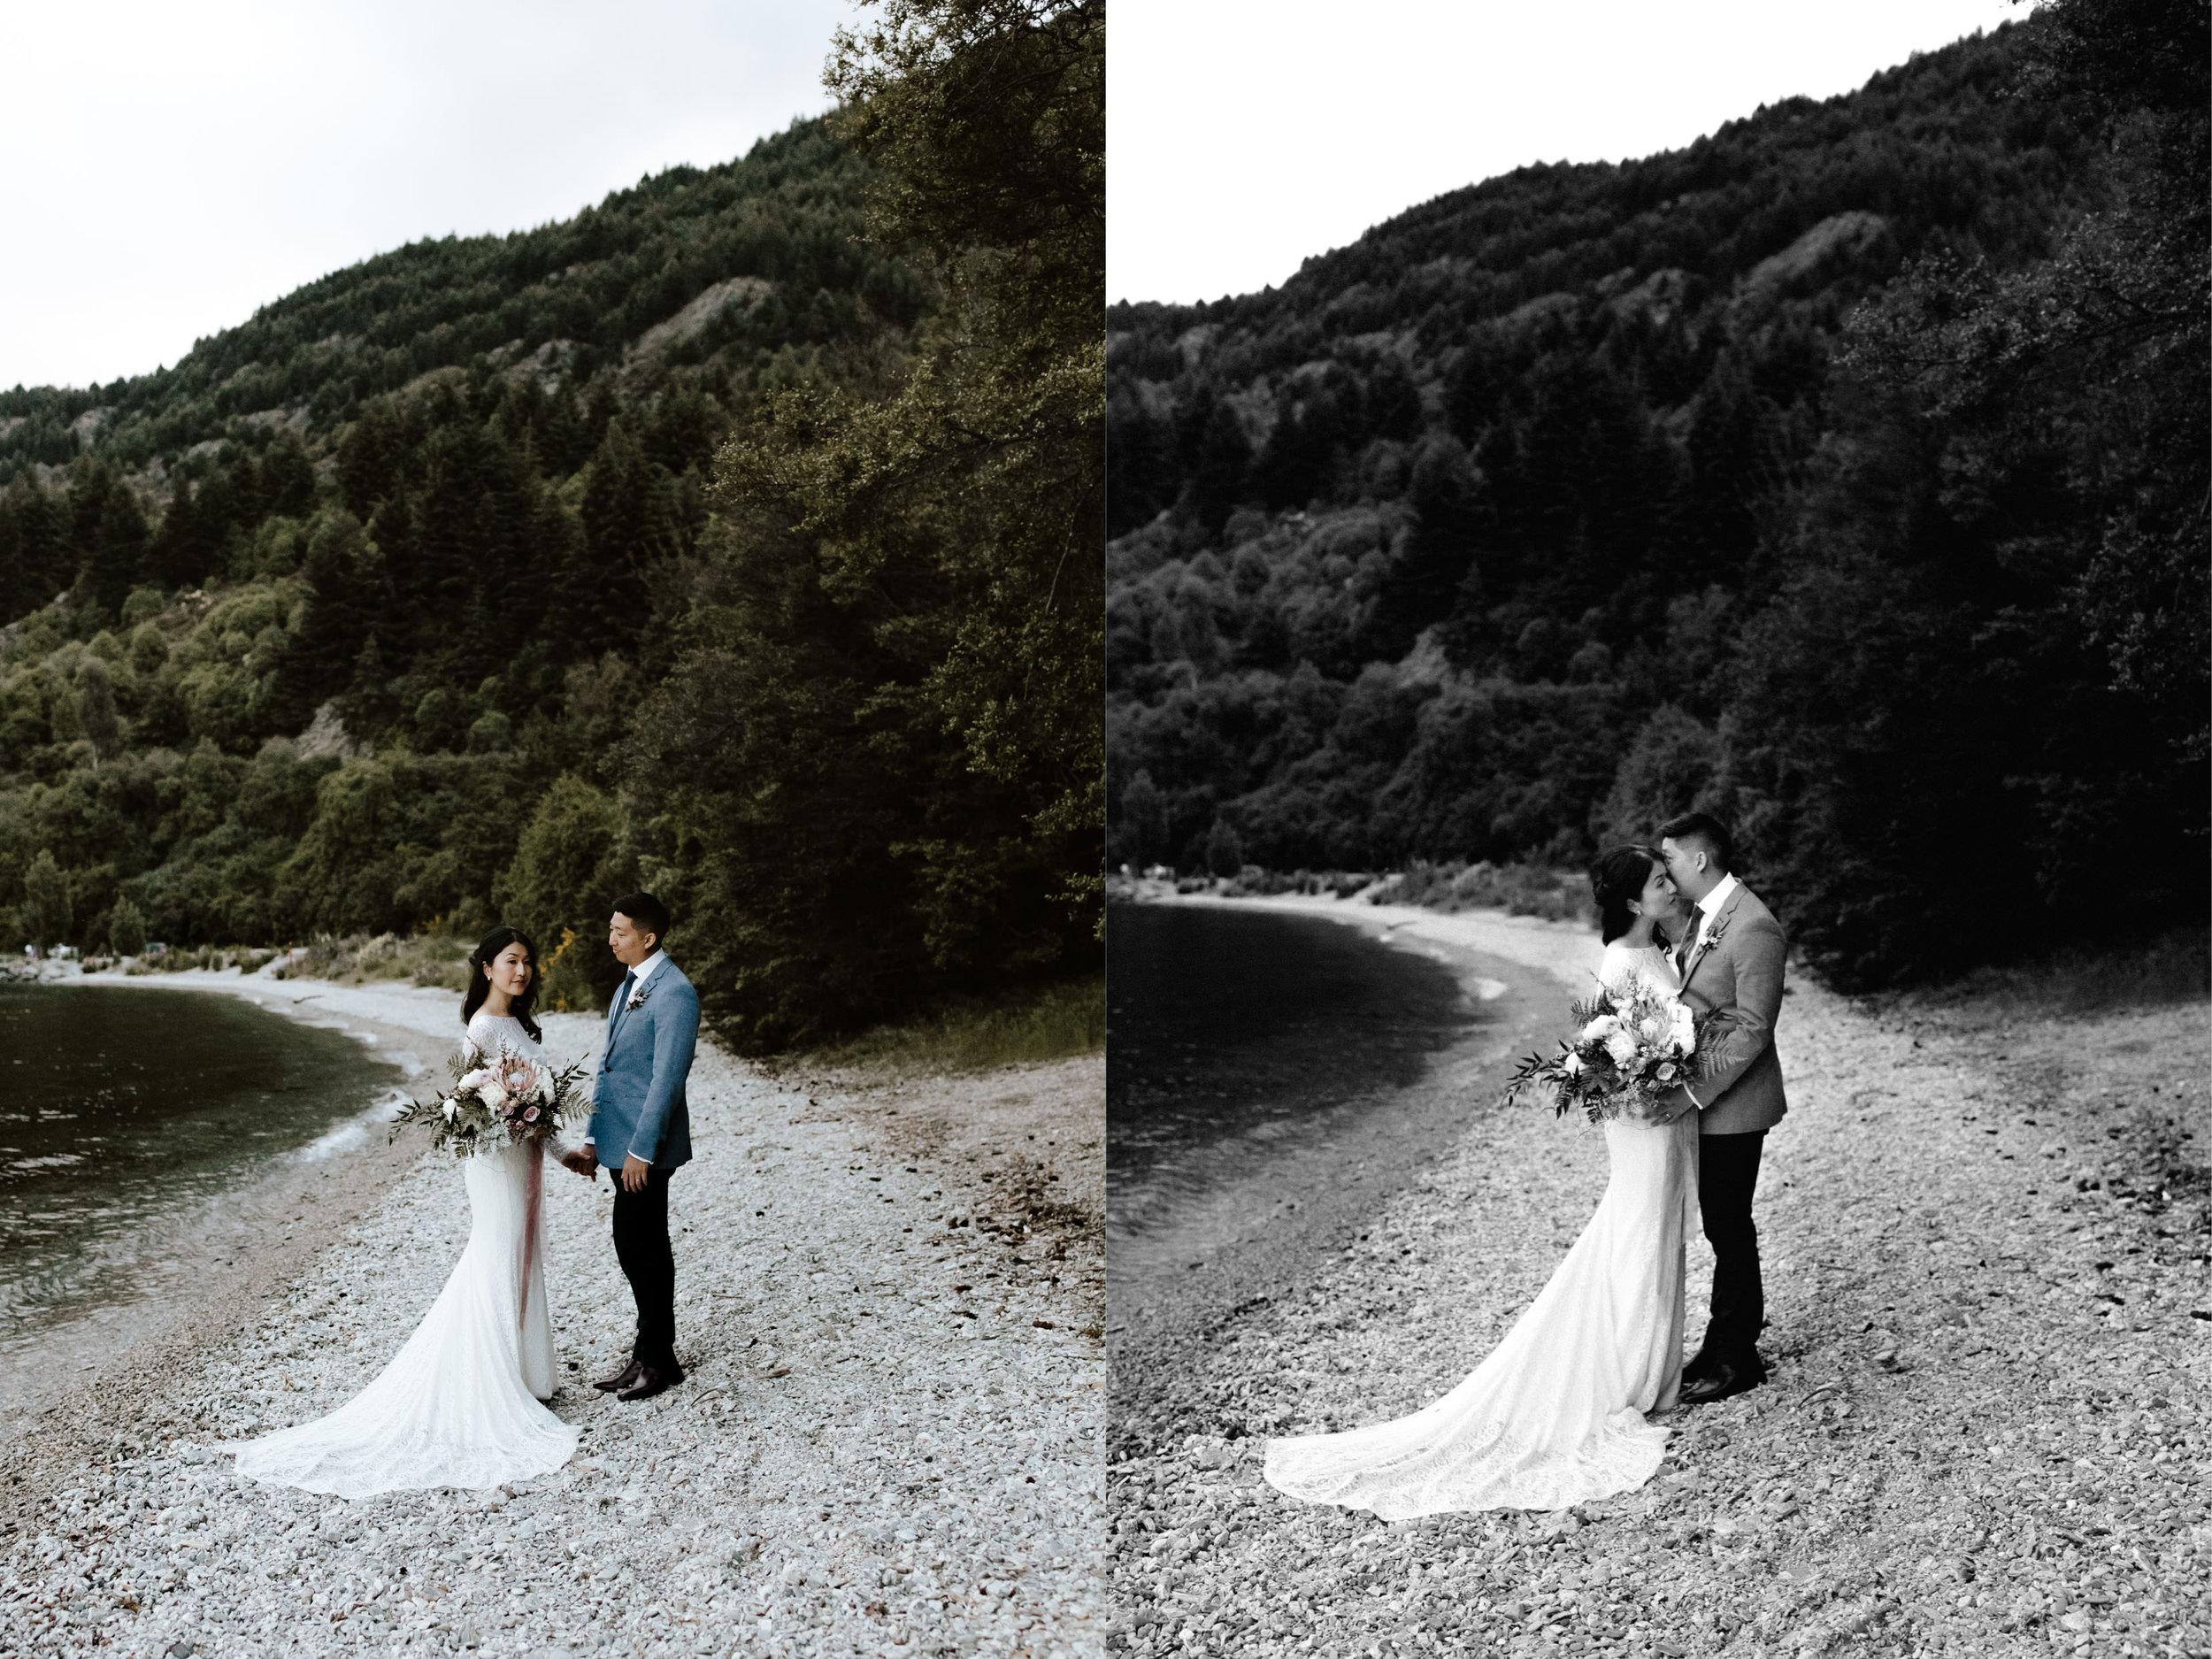 New Zealand Queesntown Elopement wedding 4.jpg